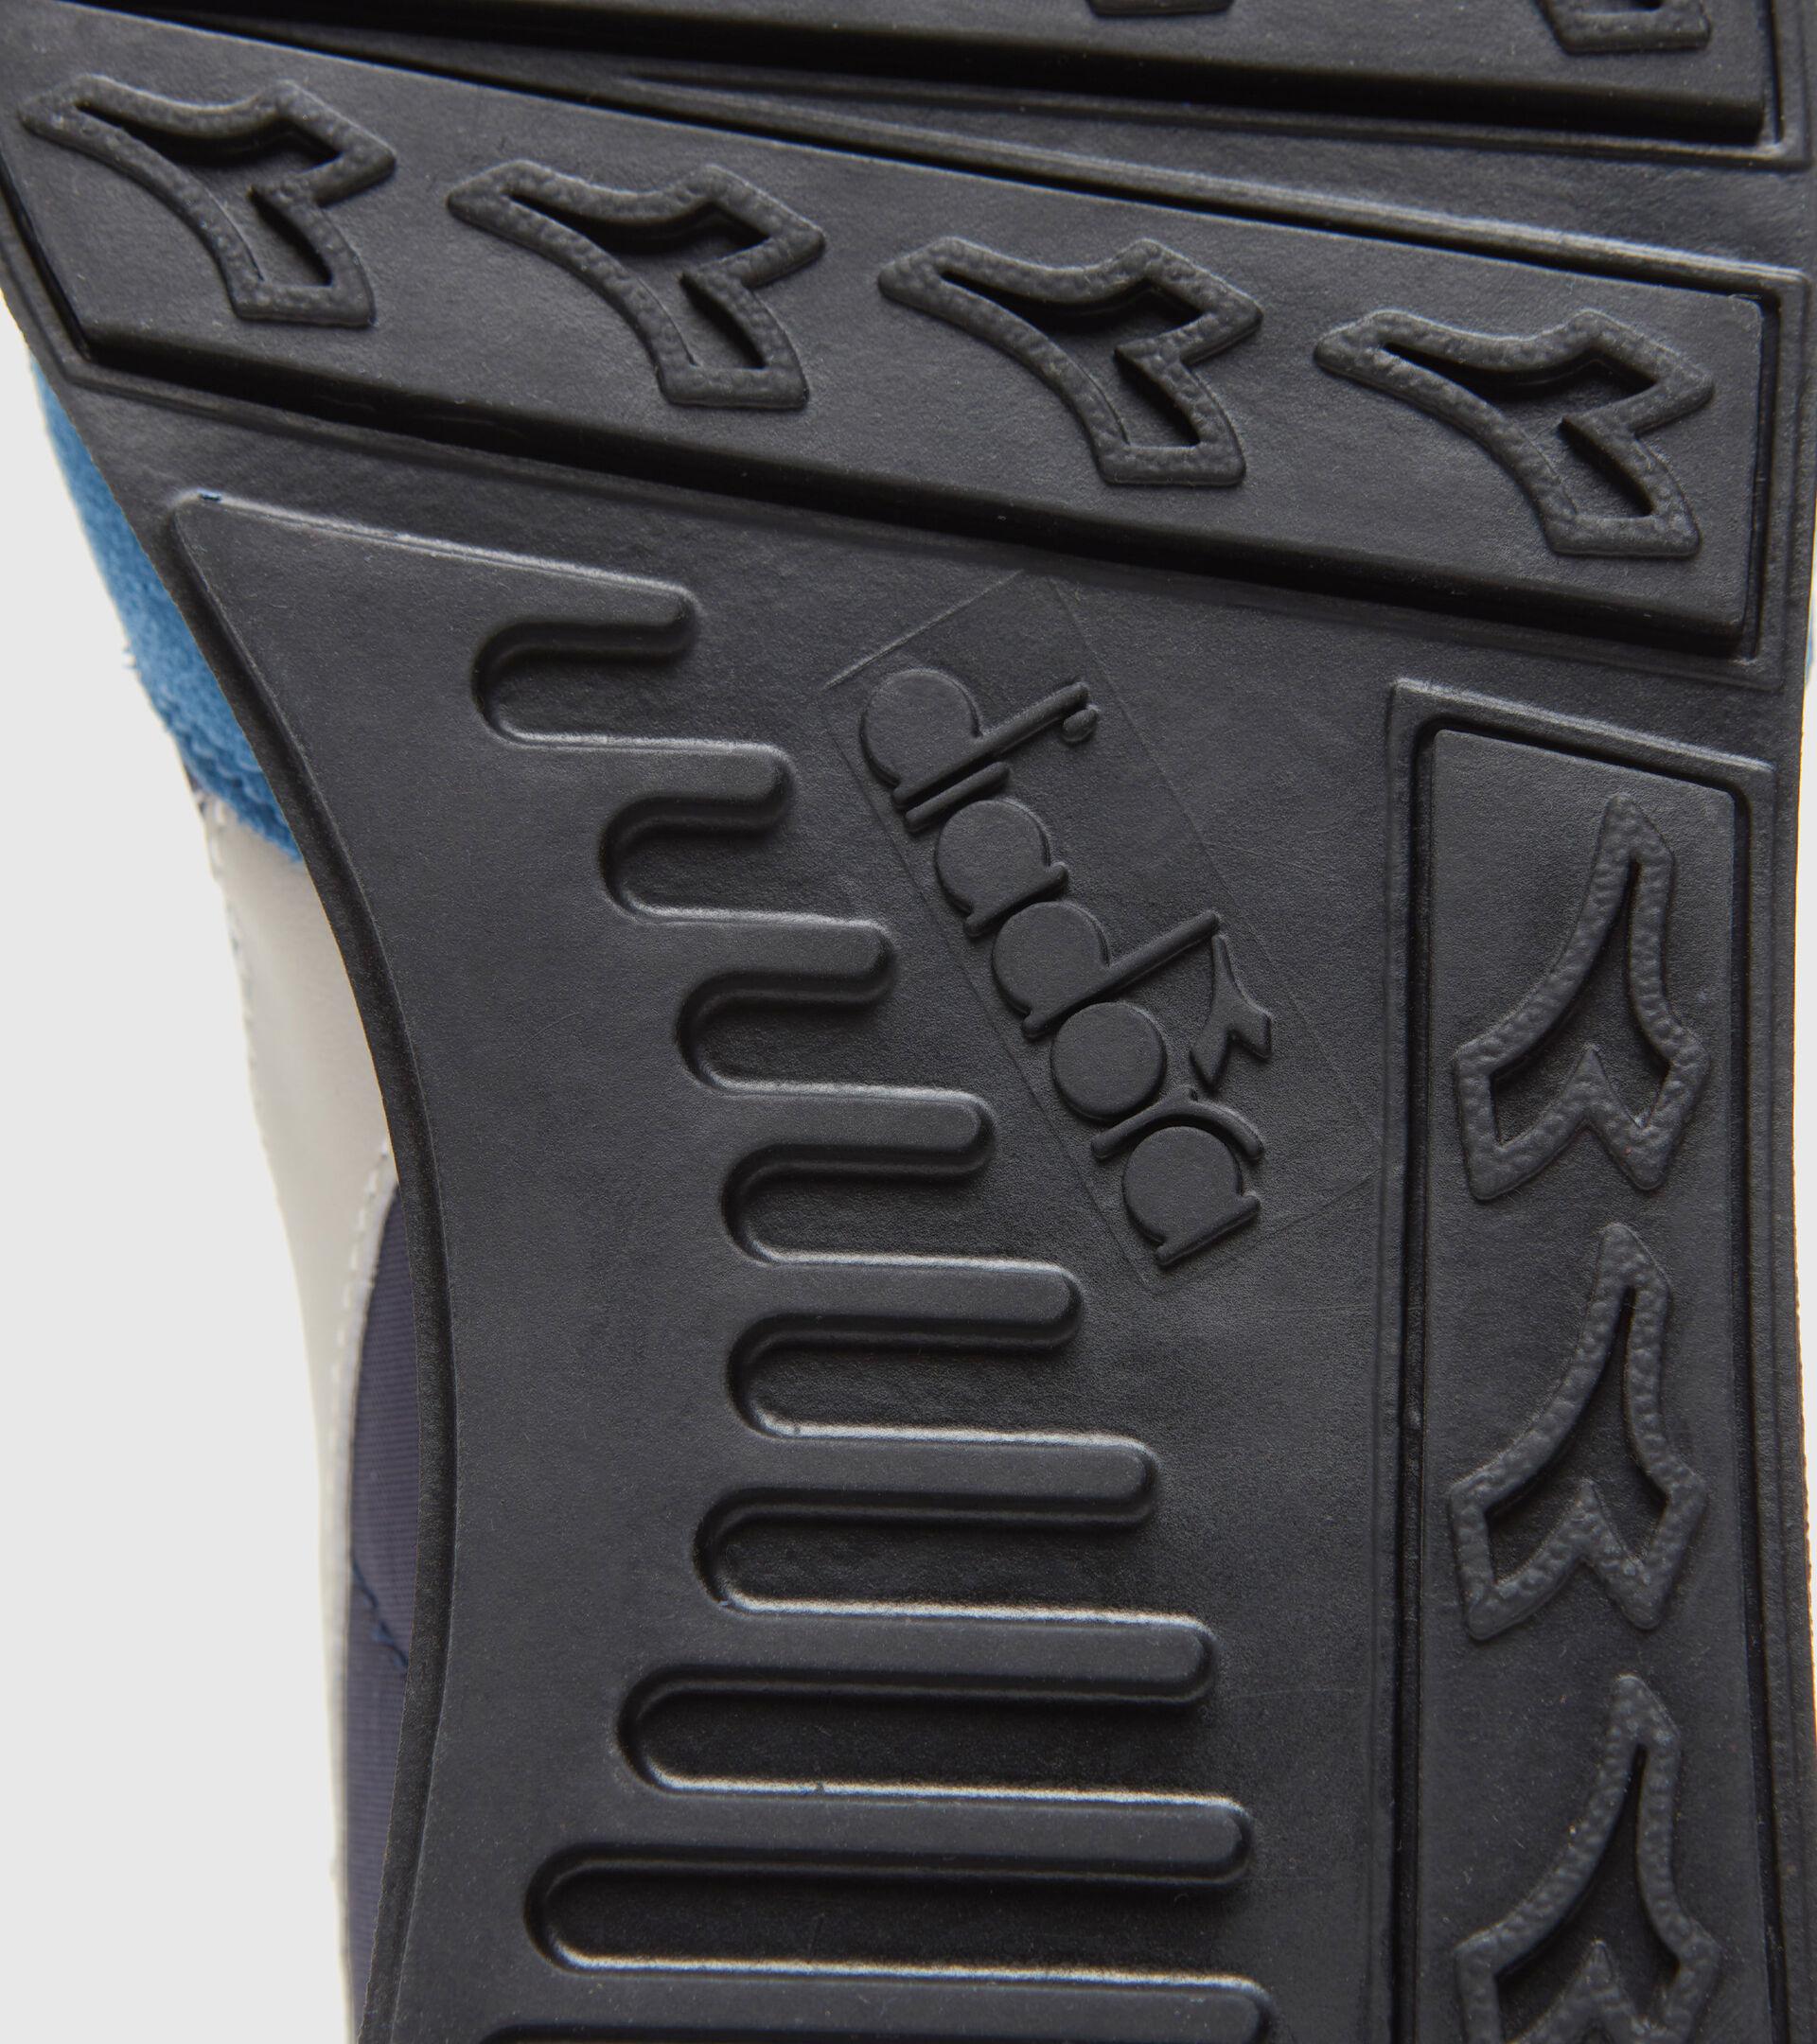 Zapatilla deportiva - Unisex CAMARO AZUL OSCURO/ AZUL - Diadora